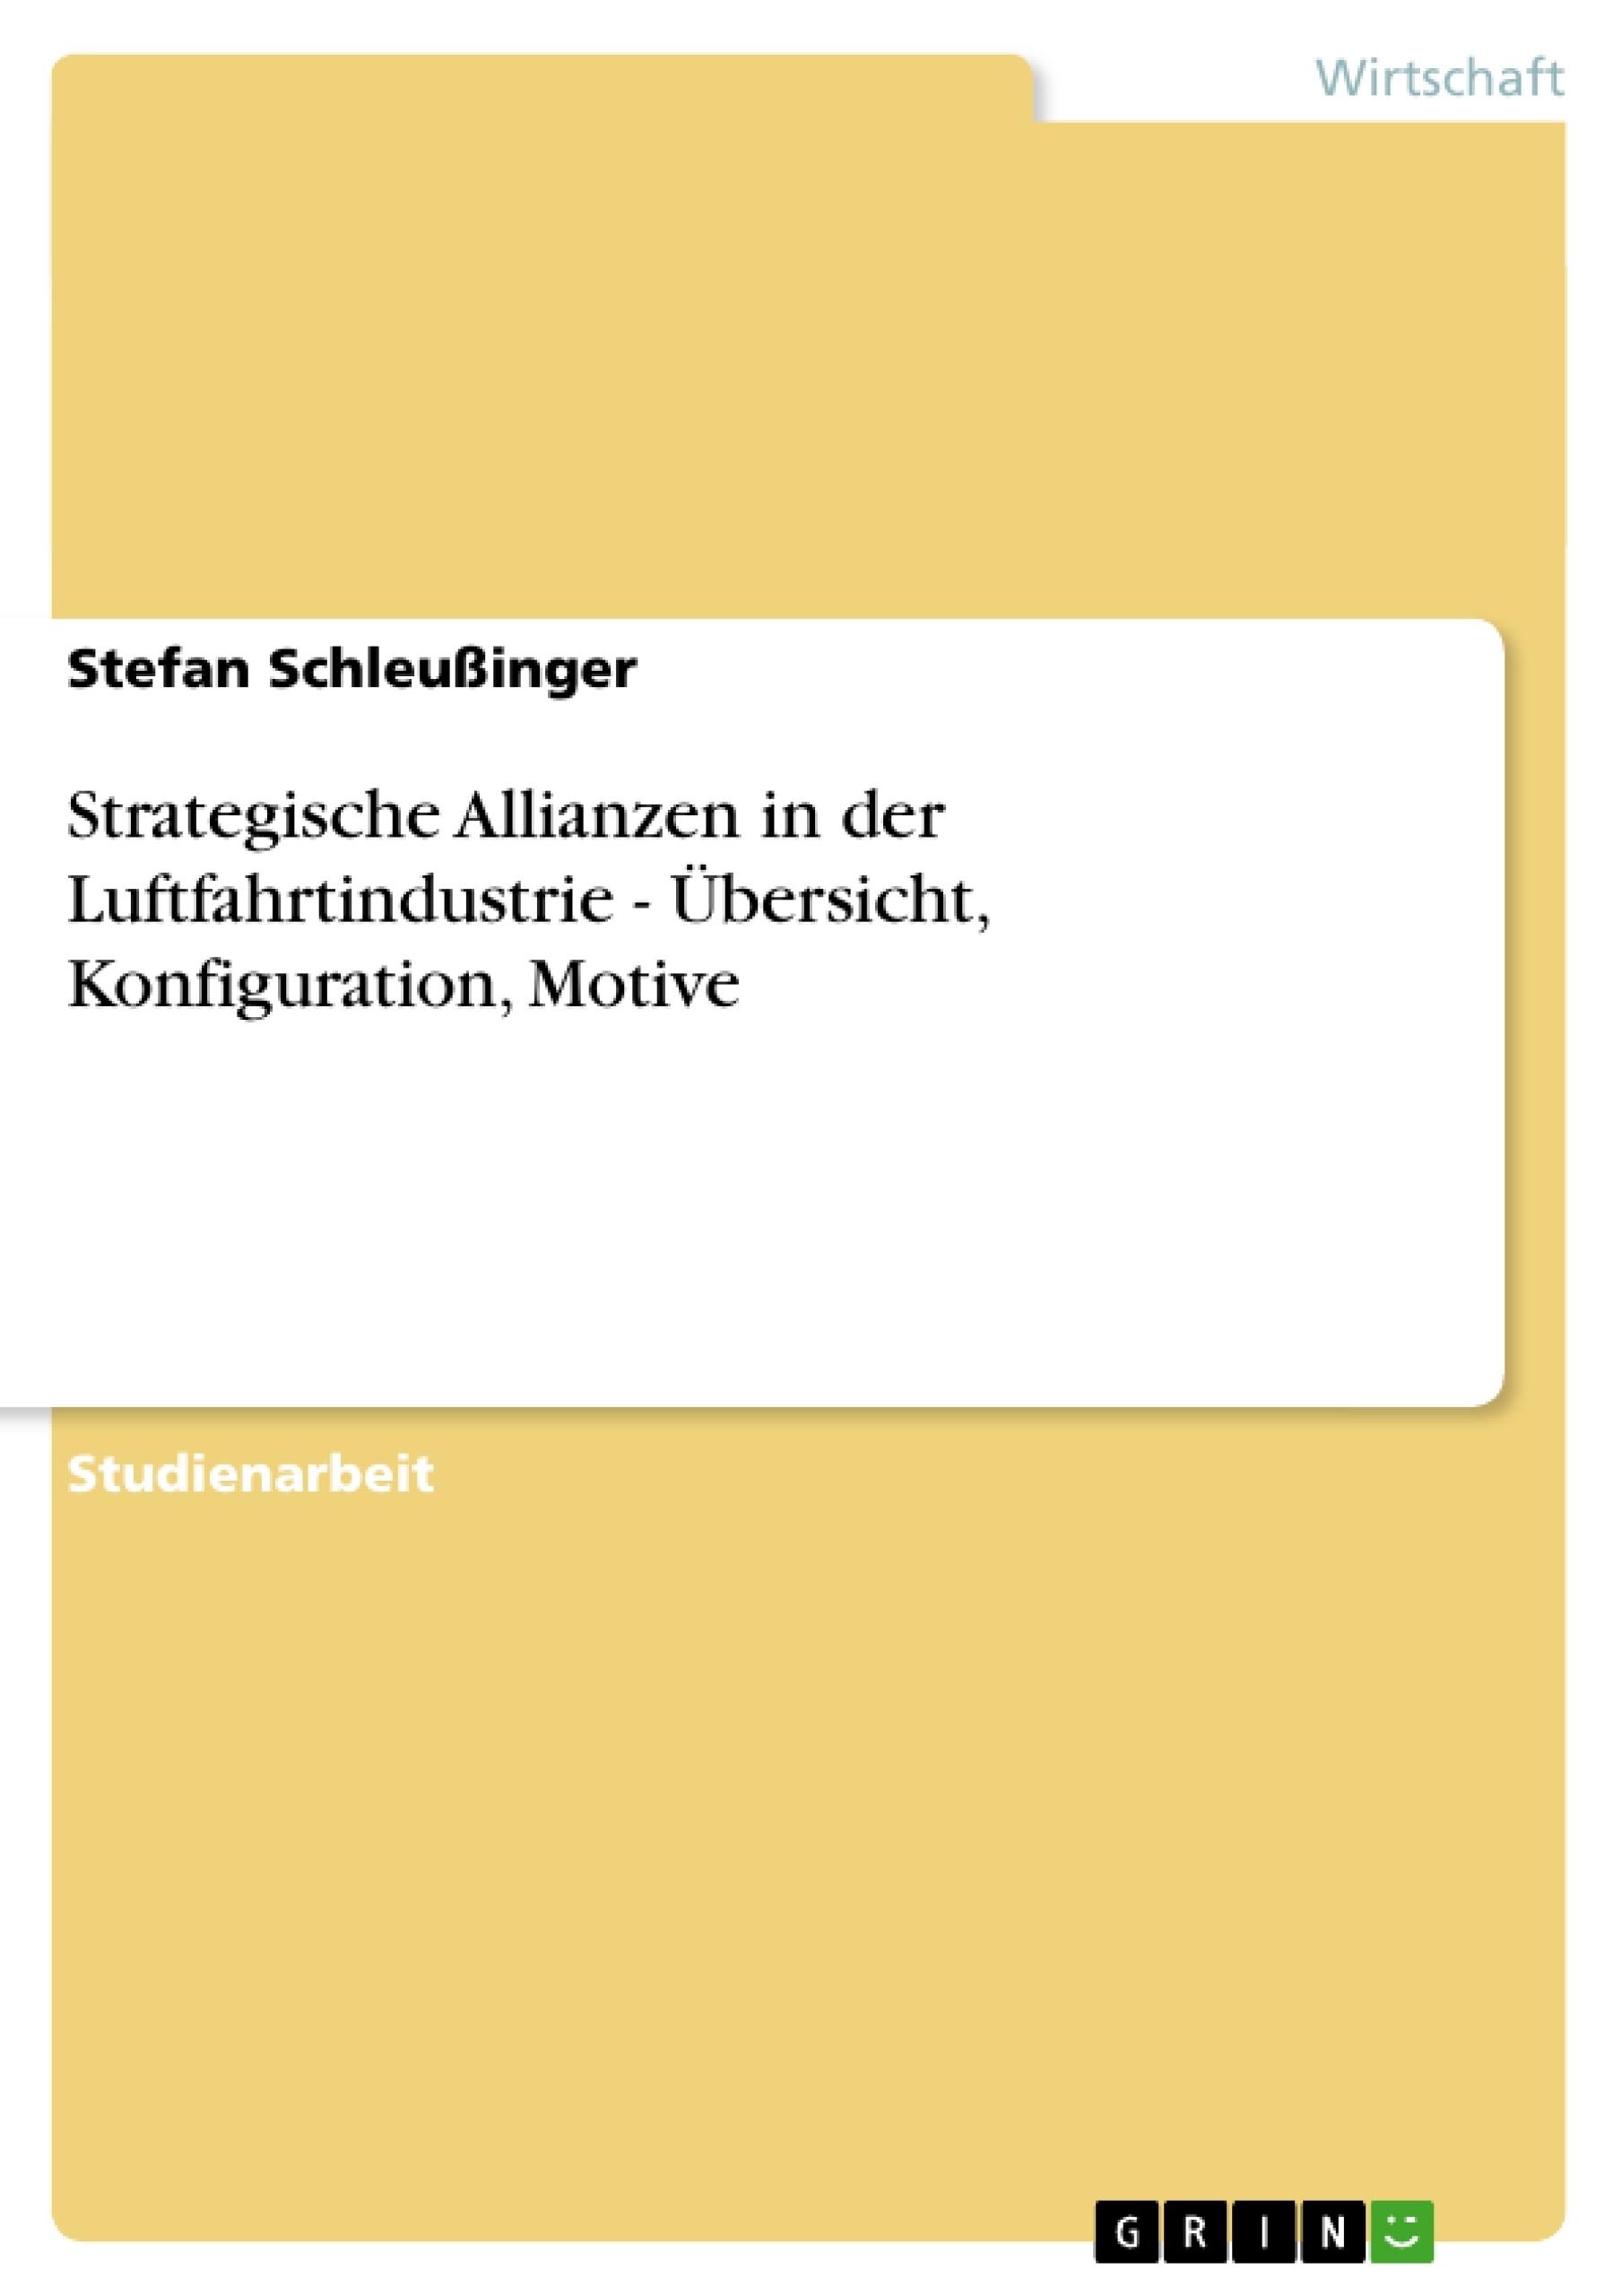 Titel: Strategische Allianzen in der Luftfahrtindustrie - Übersicht, Konfiguration, Motive